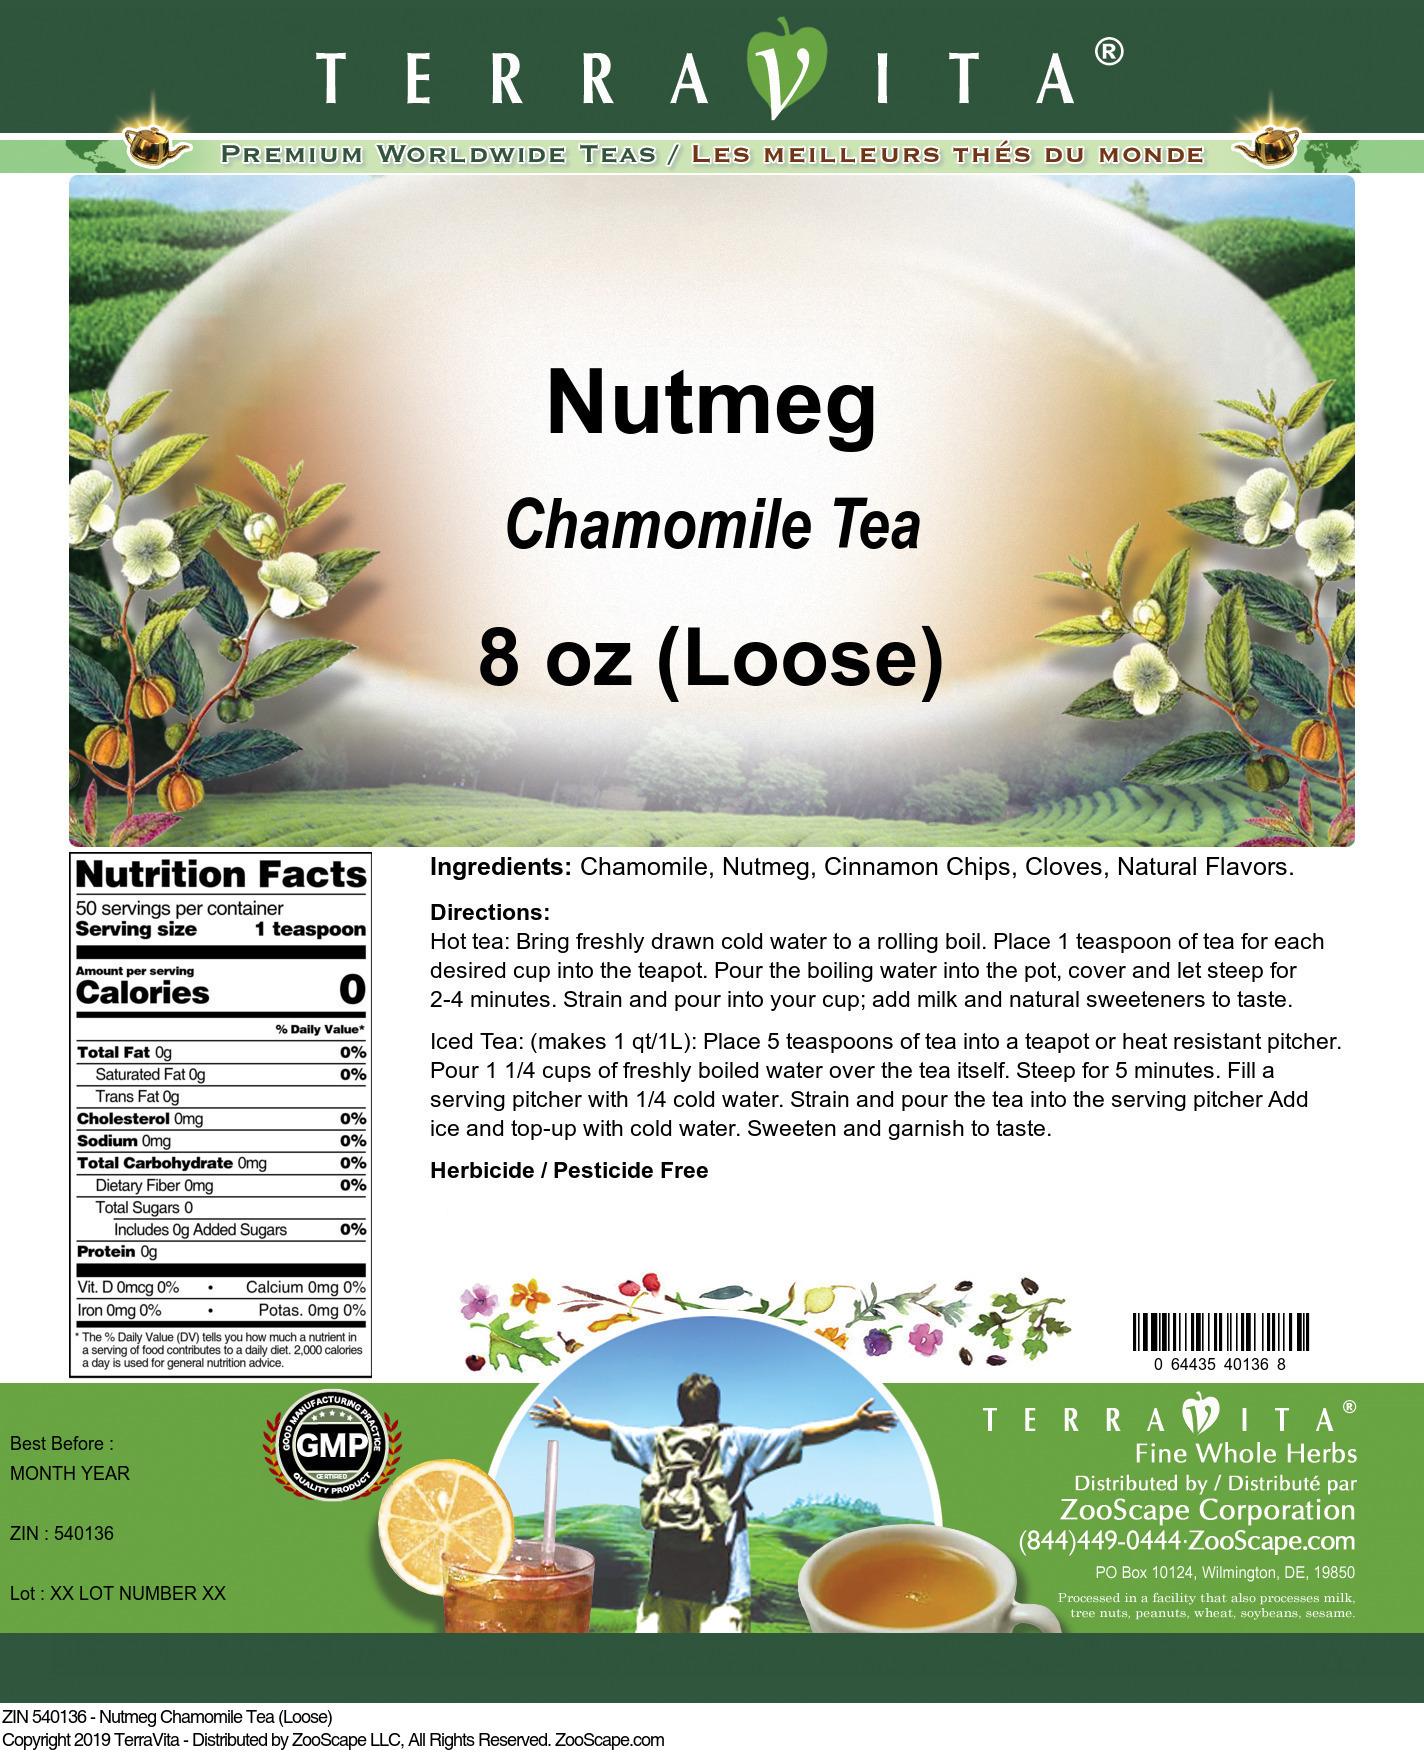 Nutmeg Chamomile Tea (Loose)